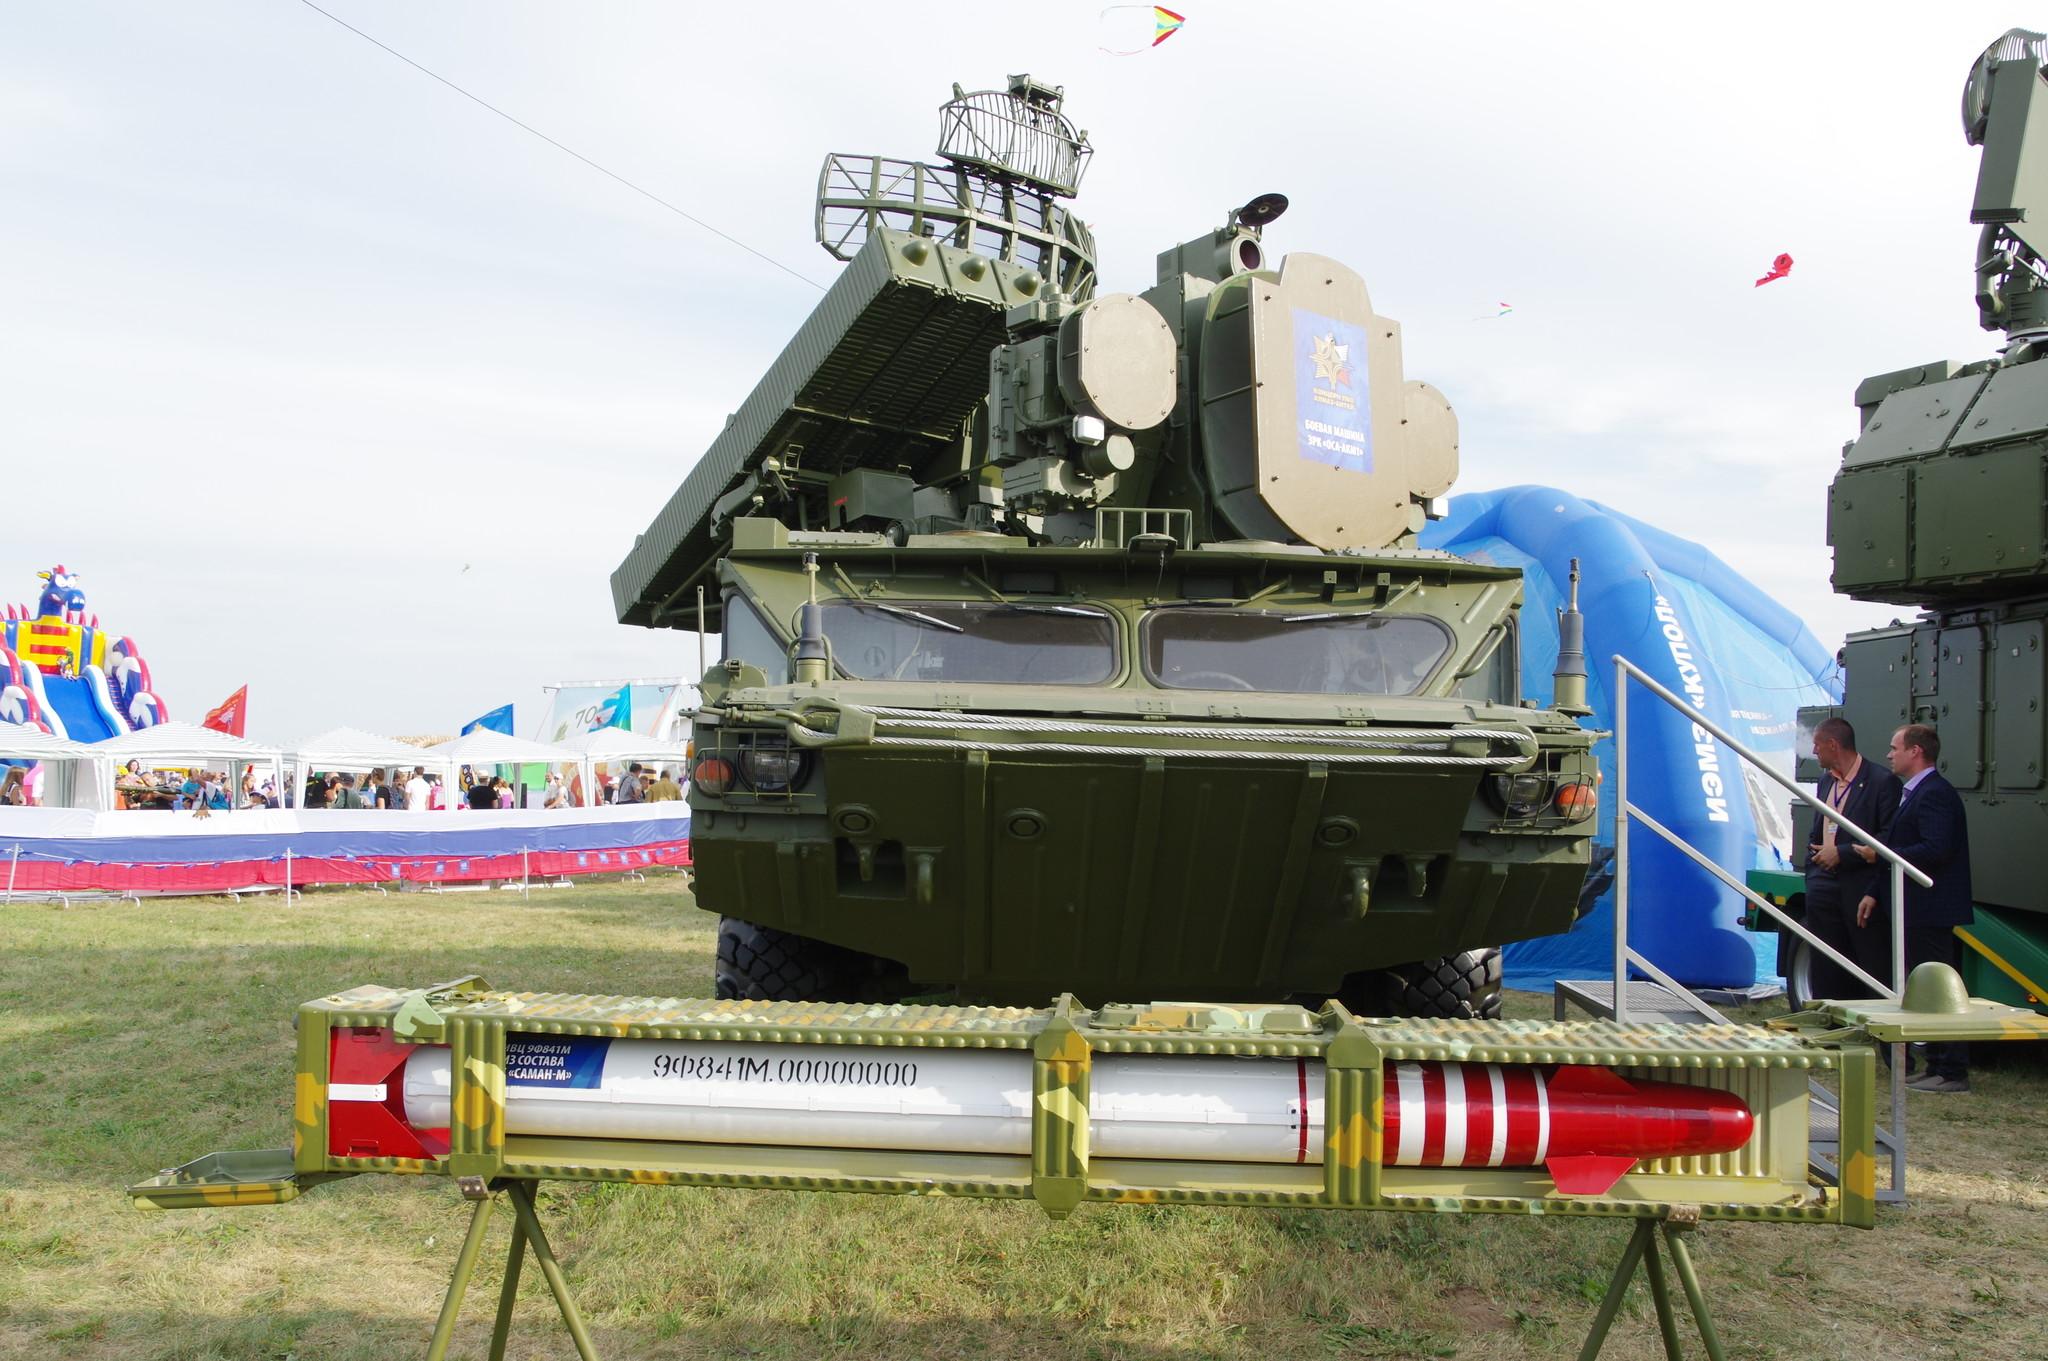 Боевая машина зенитно-ракетного комплекса «Оса-АКМ1» и имитатор воздушных целей 9Ф841М